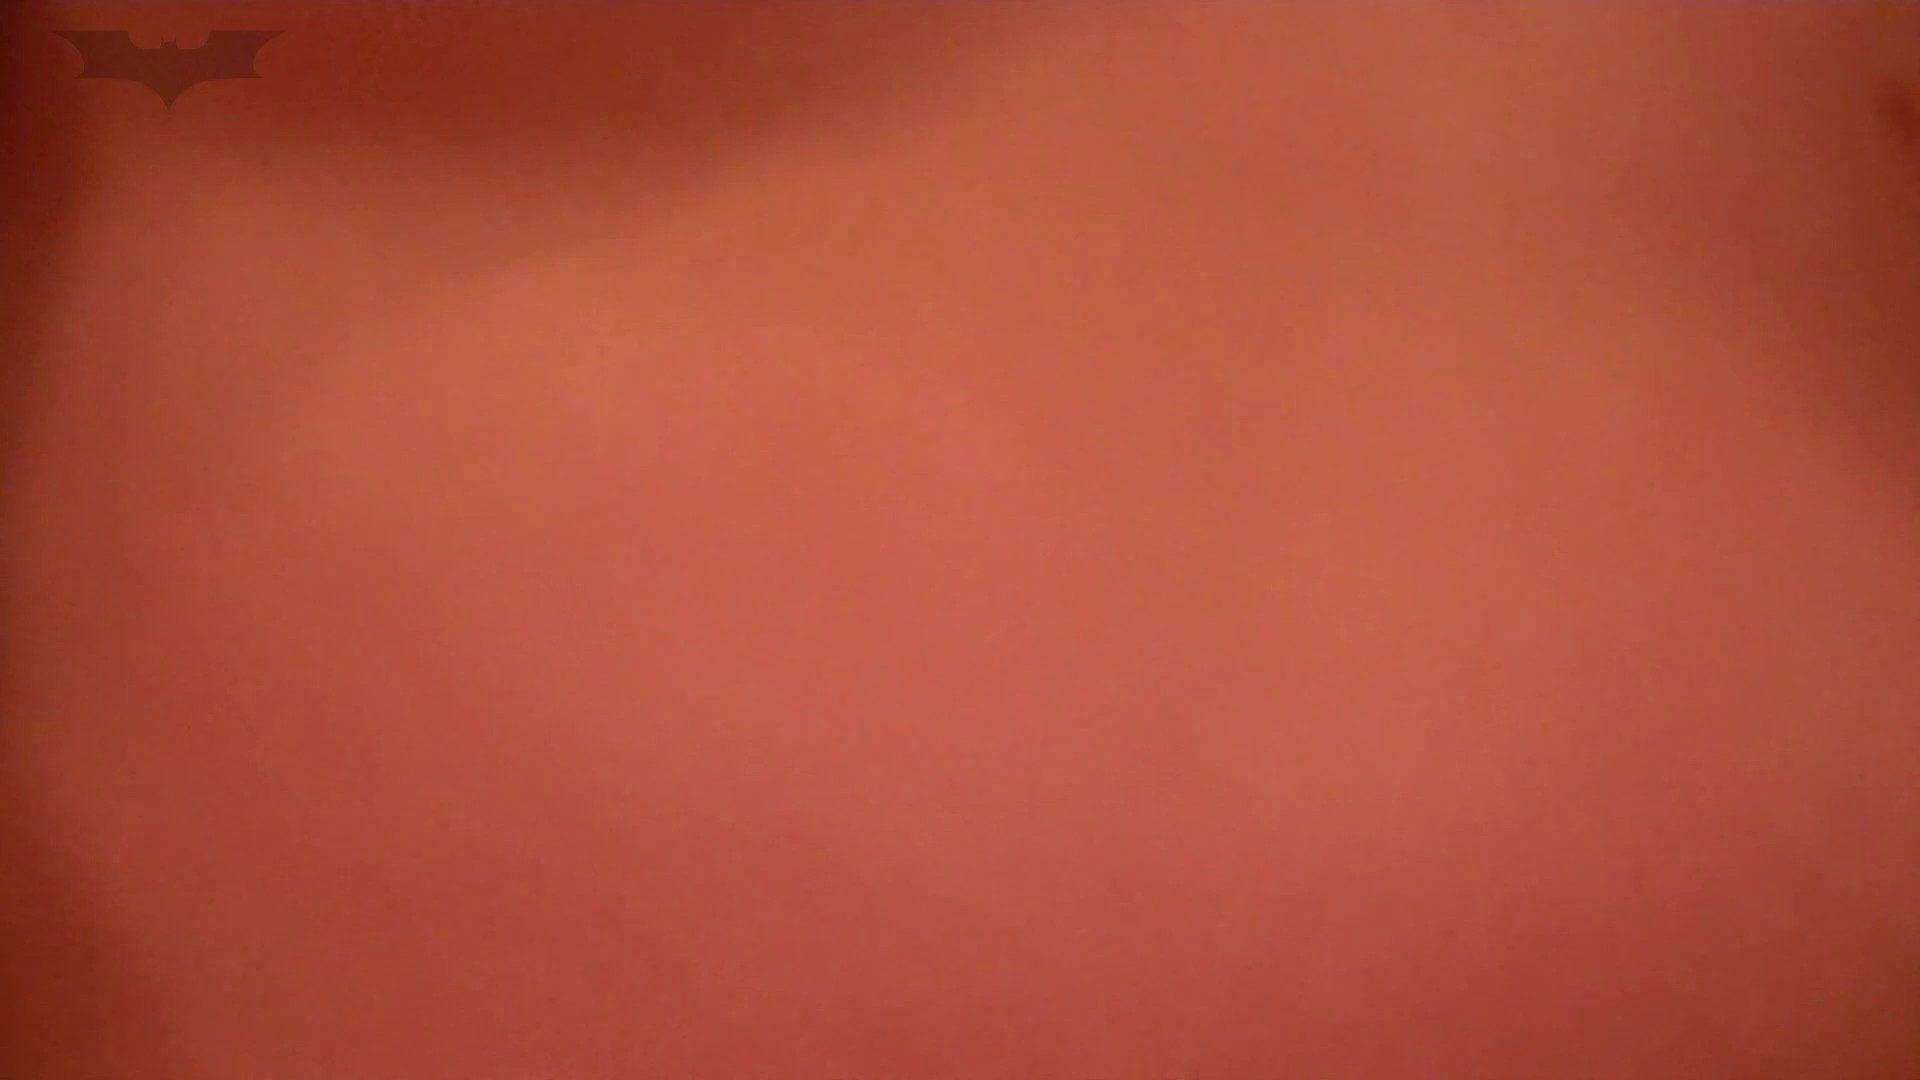 期間限定 闇の花道Vol.10 影対姪っ子絶対ダメな調教関係Vol.04 むっちりガール オメコ動画キャプチャ 81枚 5